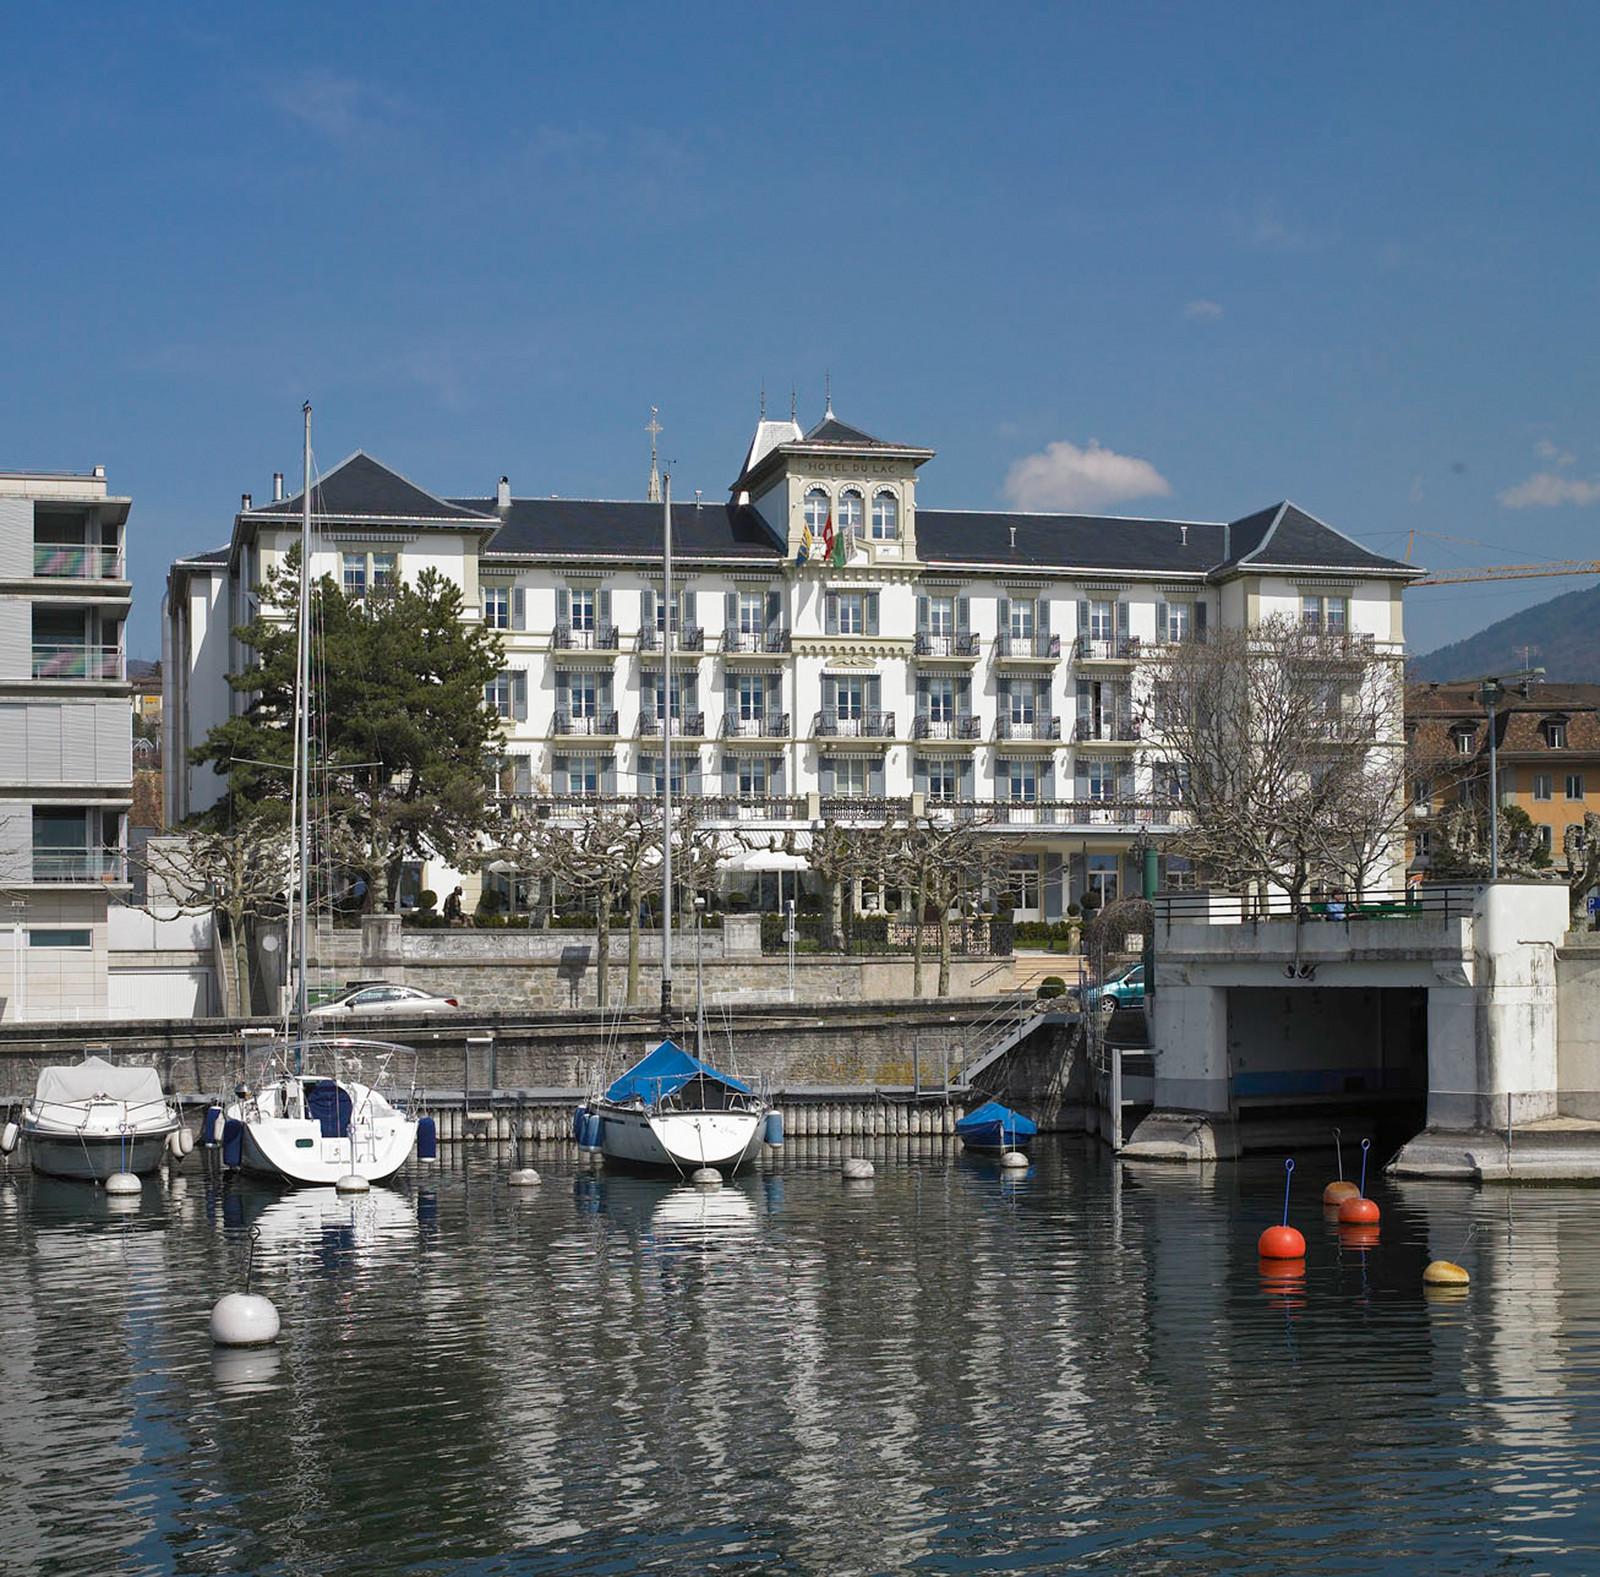 Hydrima Srl in Vionnaz - Adresse & mehr Moneyhouse